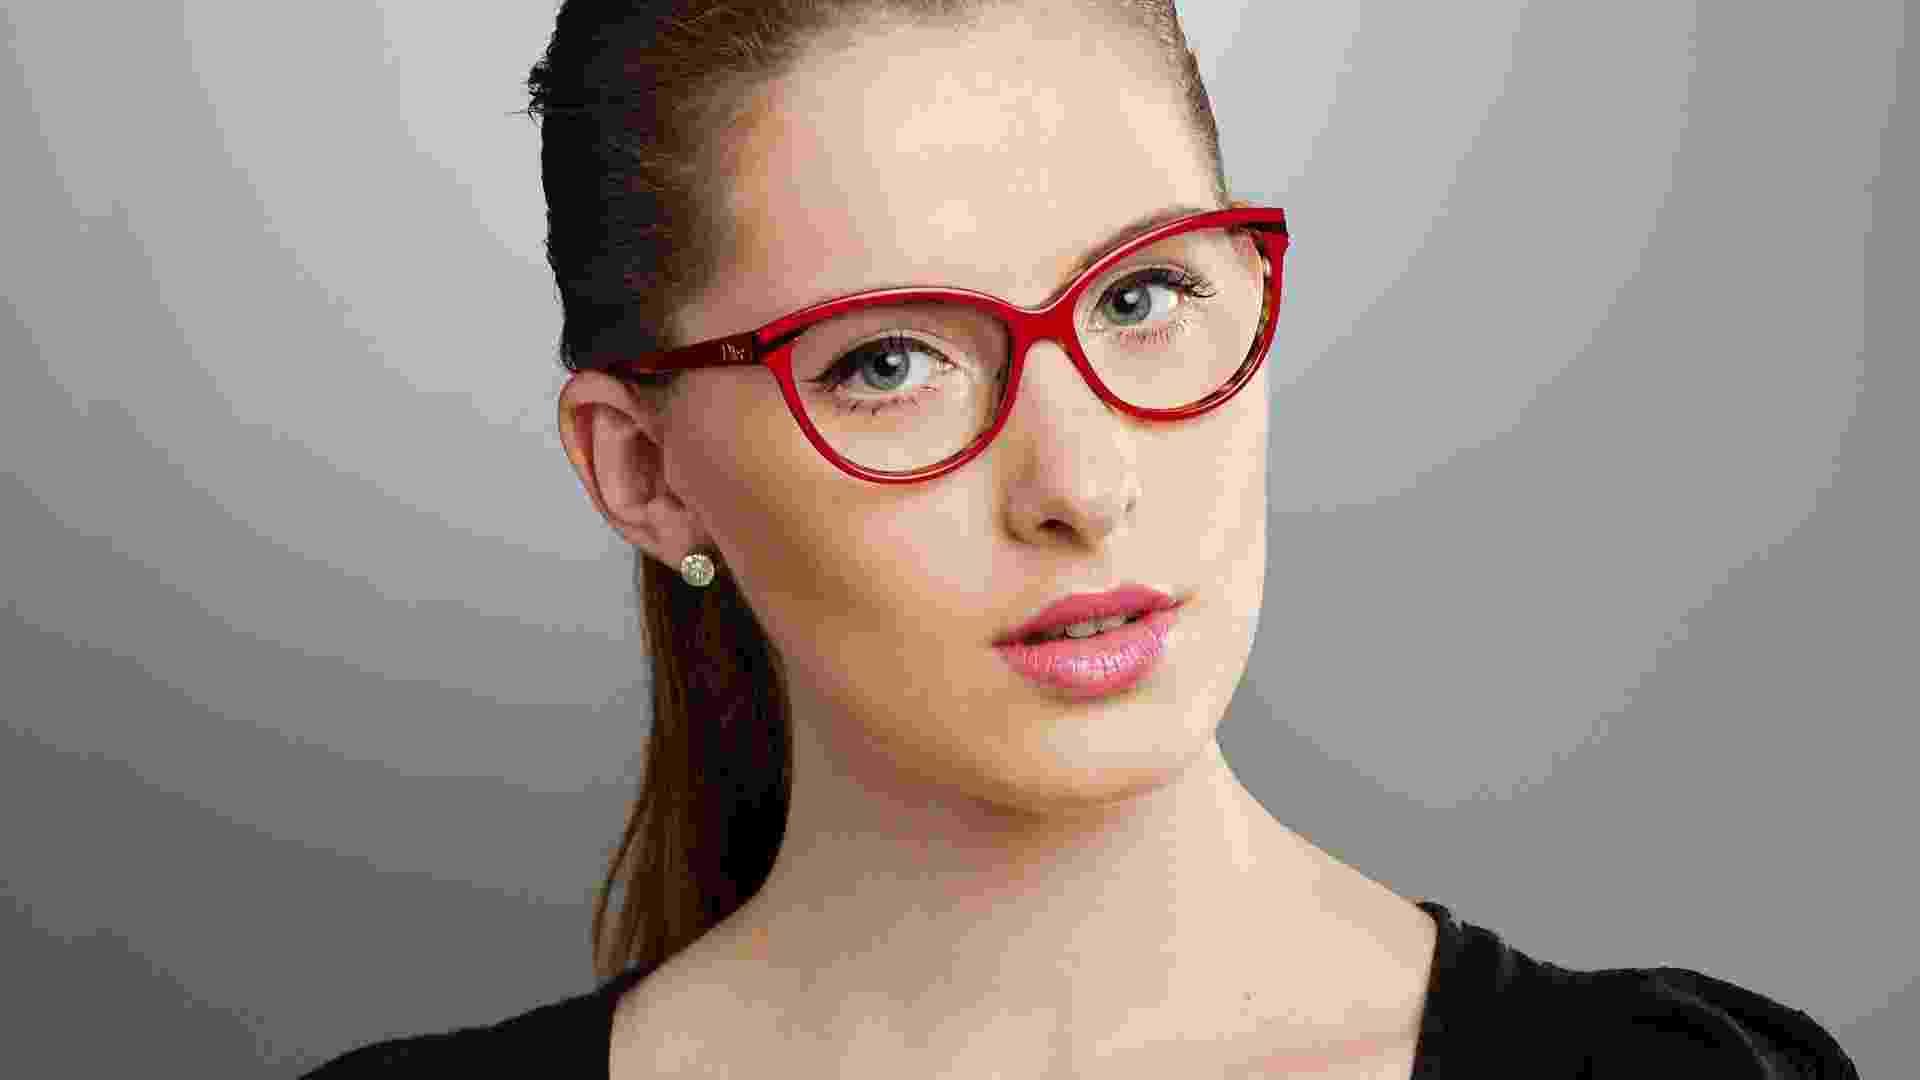 Maquiagem para quem usa óculos - look 3 - Ana Lima/UOL